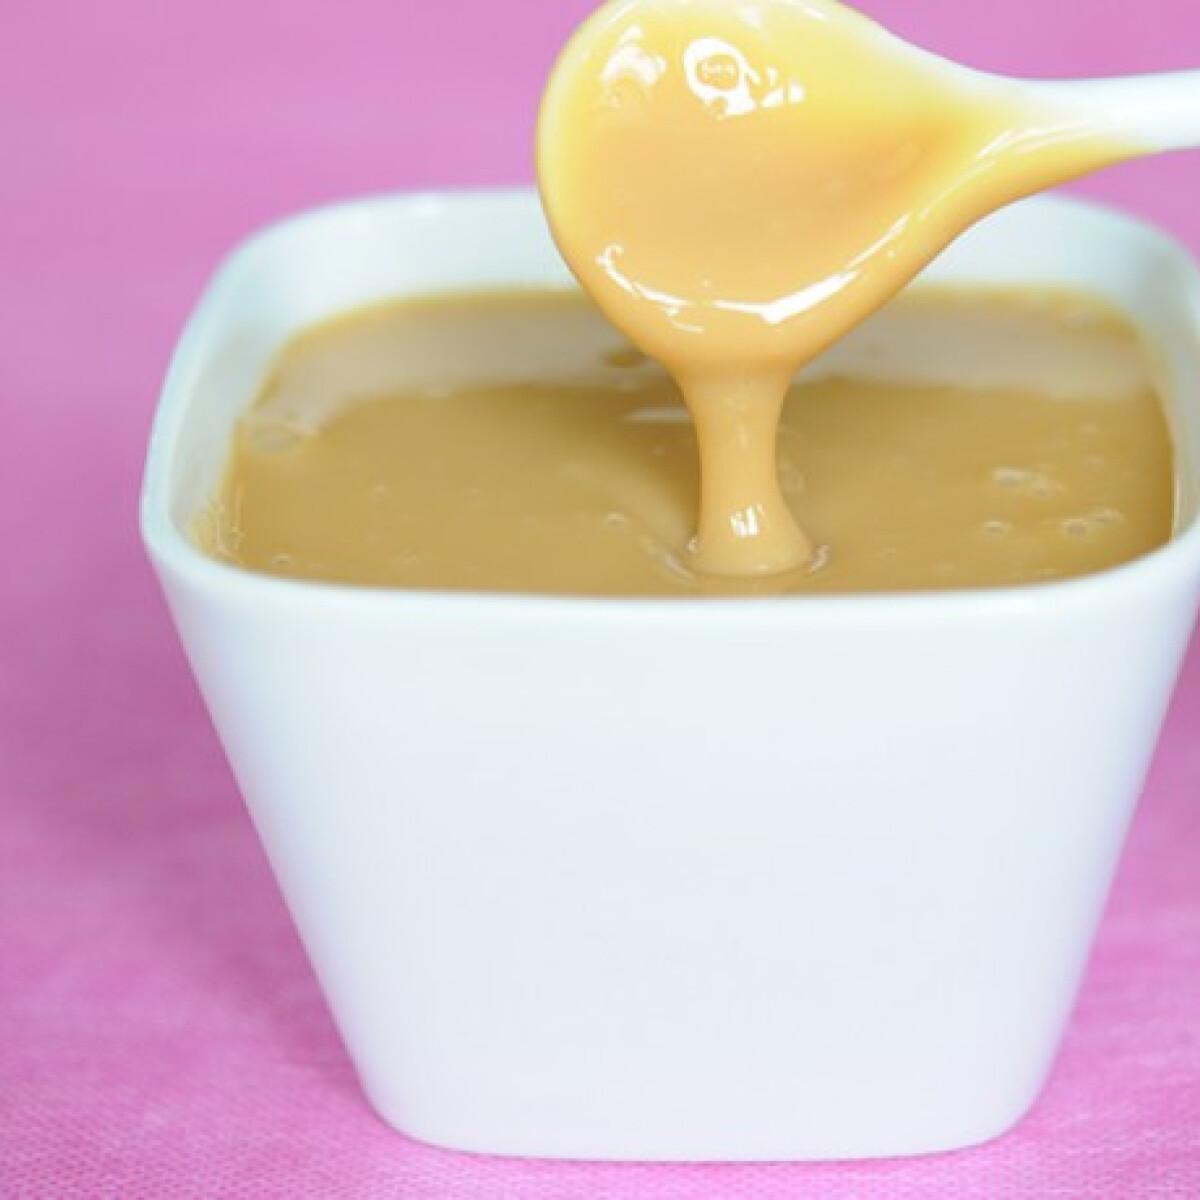 Ezen a képen: Dulce de leche